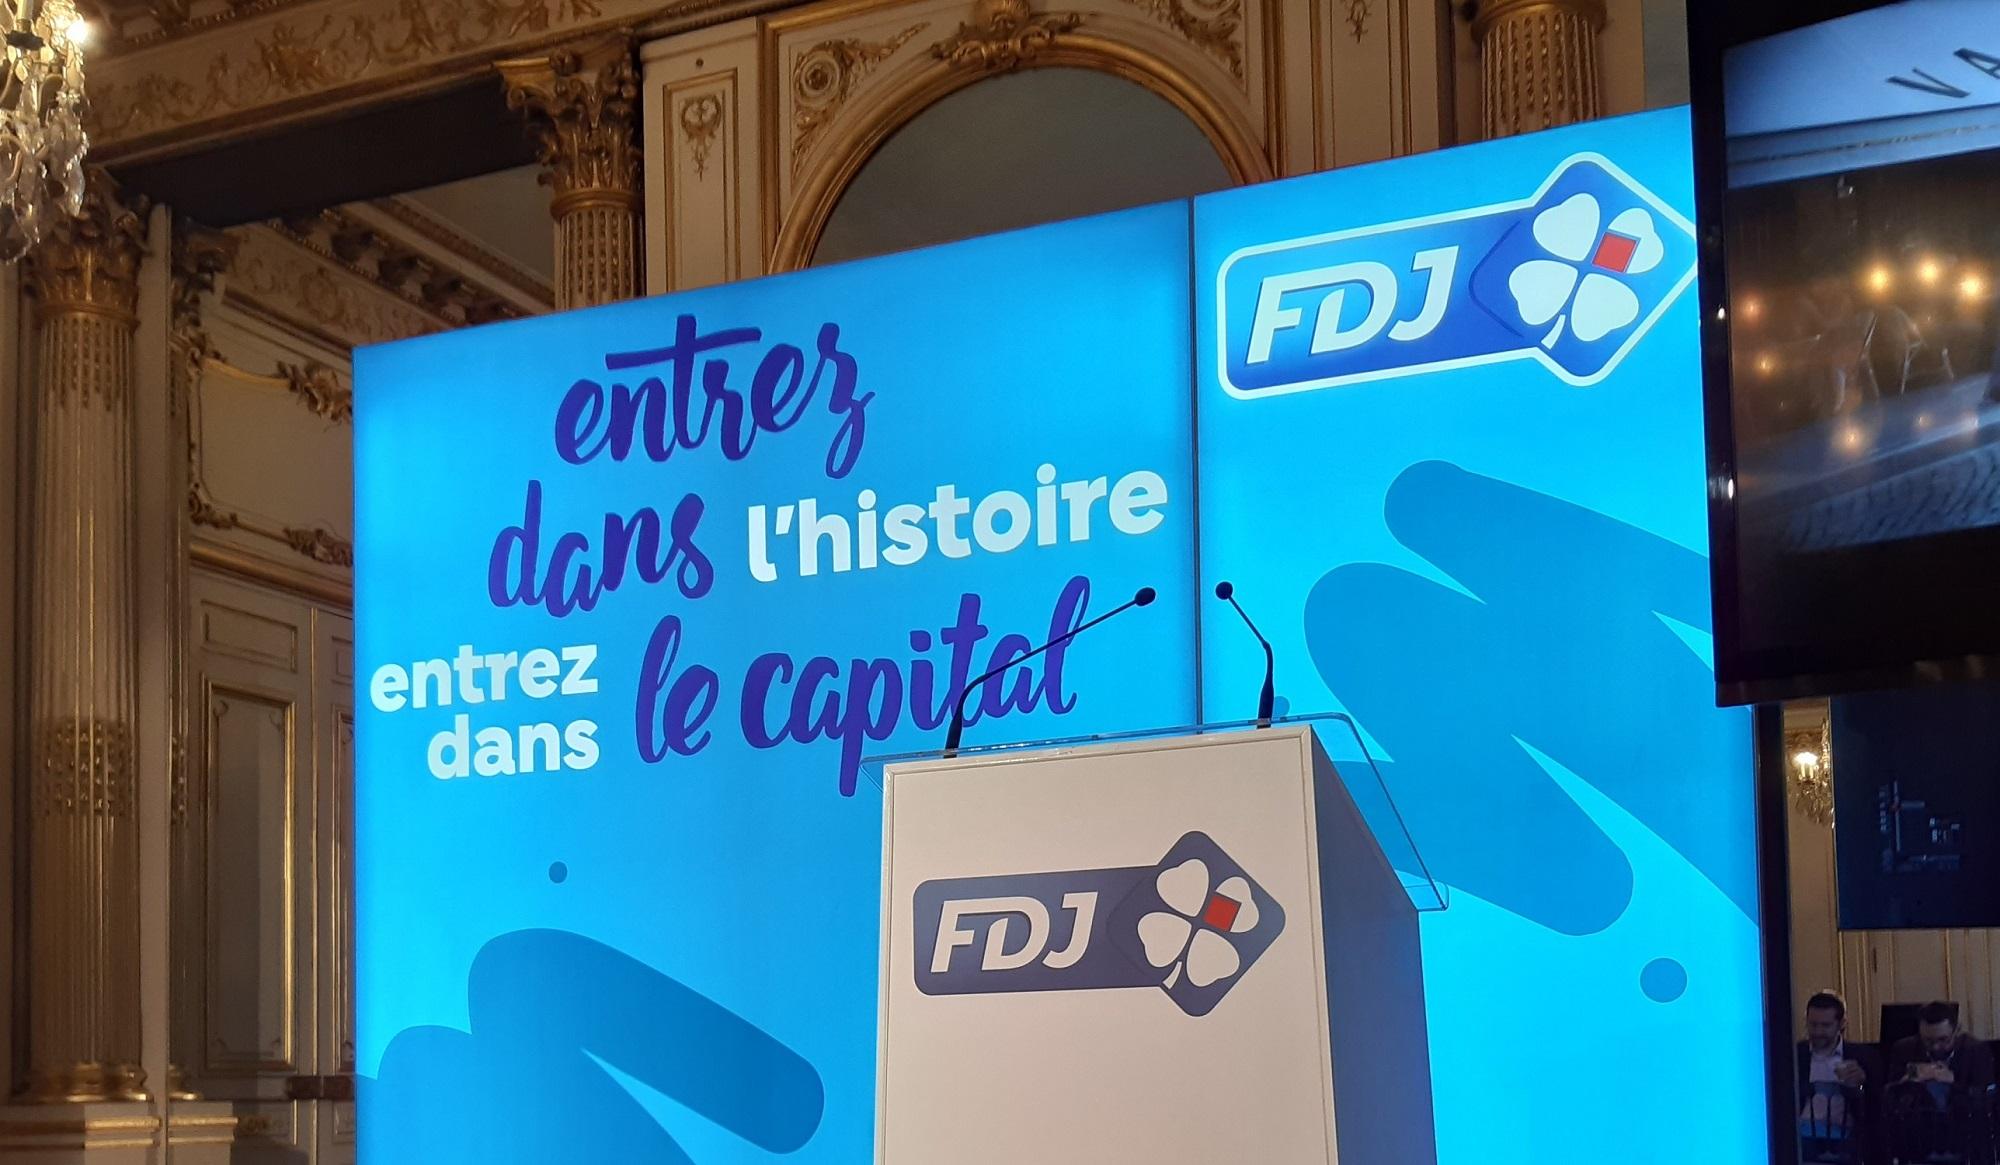 Fdj : L'action FDJ clôture sa première journée en Bourse en hausse de 14,1% à 22,70 euros